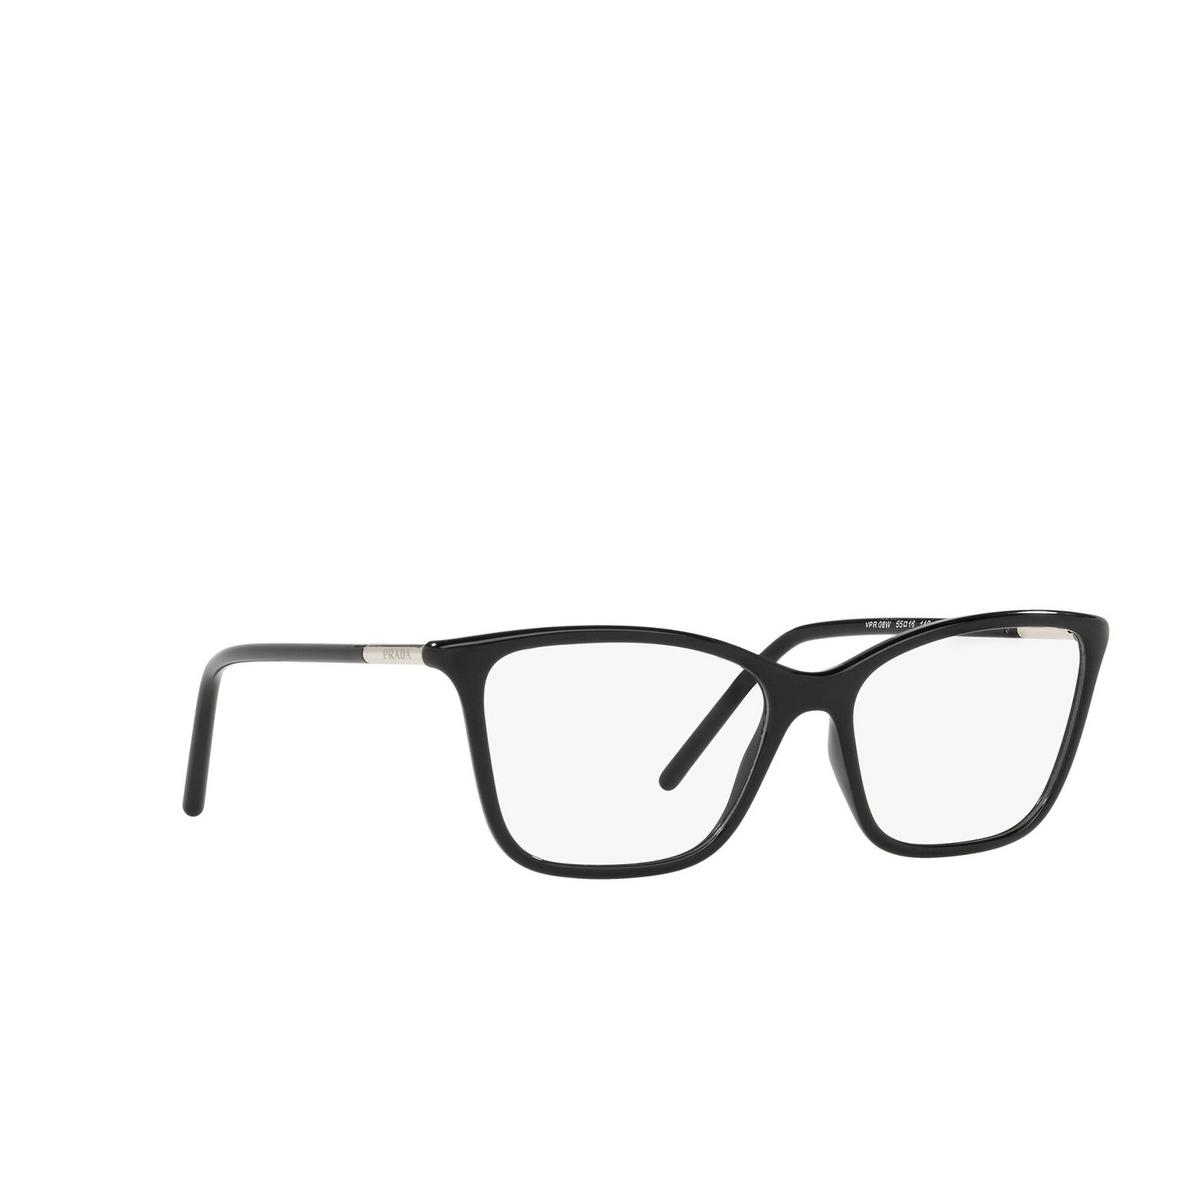 Prada® Cat-eye Eyeglasses: PR 08WV color Black 1AB1O1 - three-quarters view.